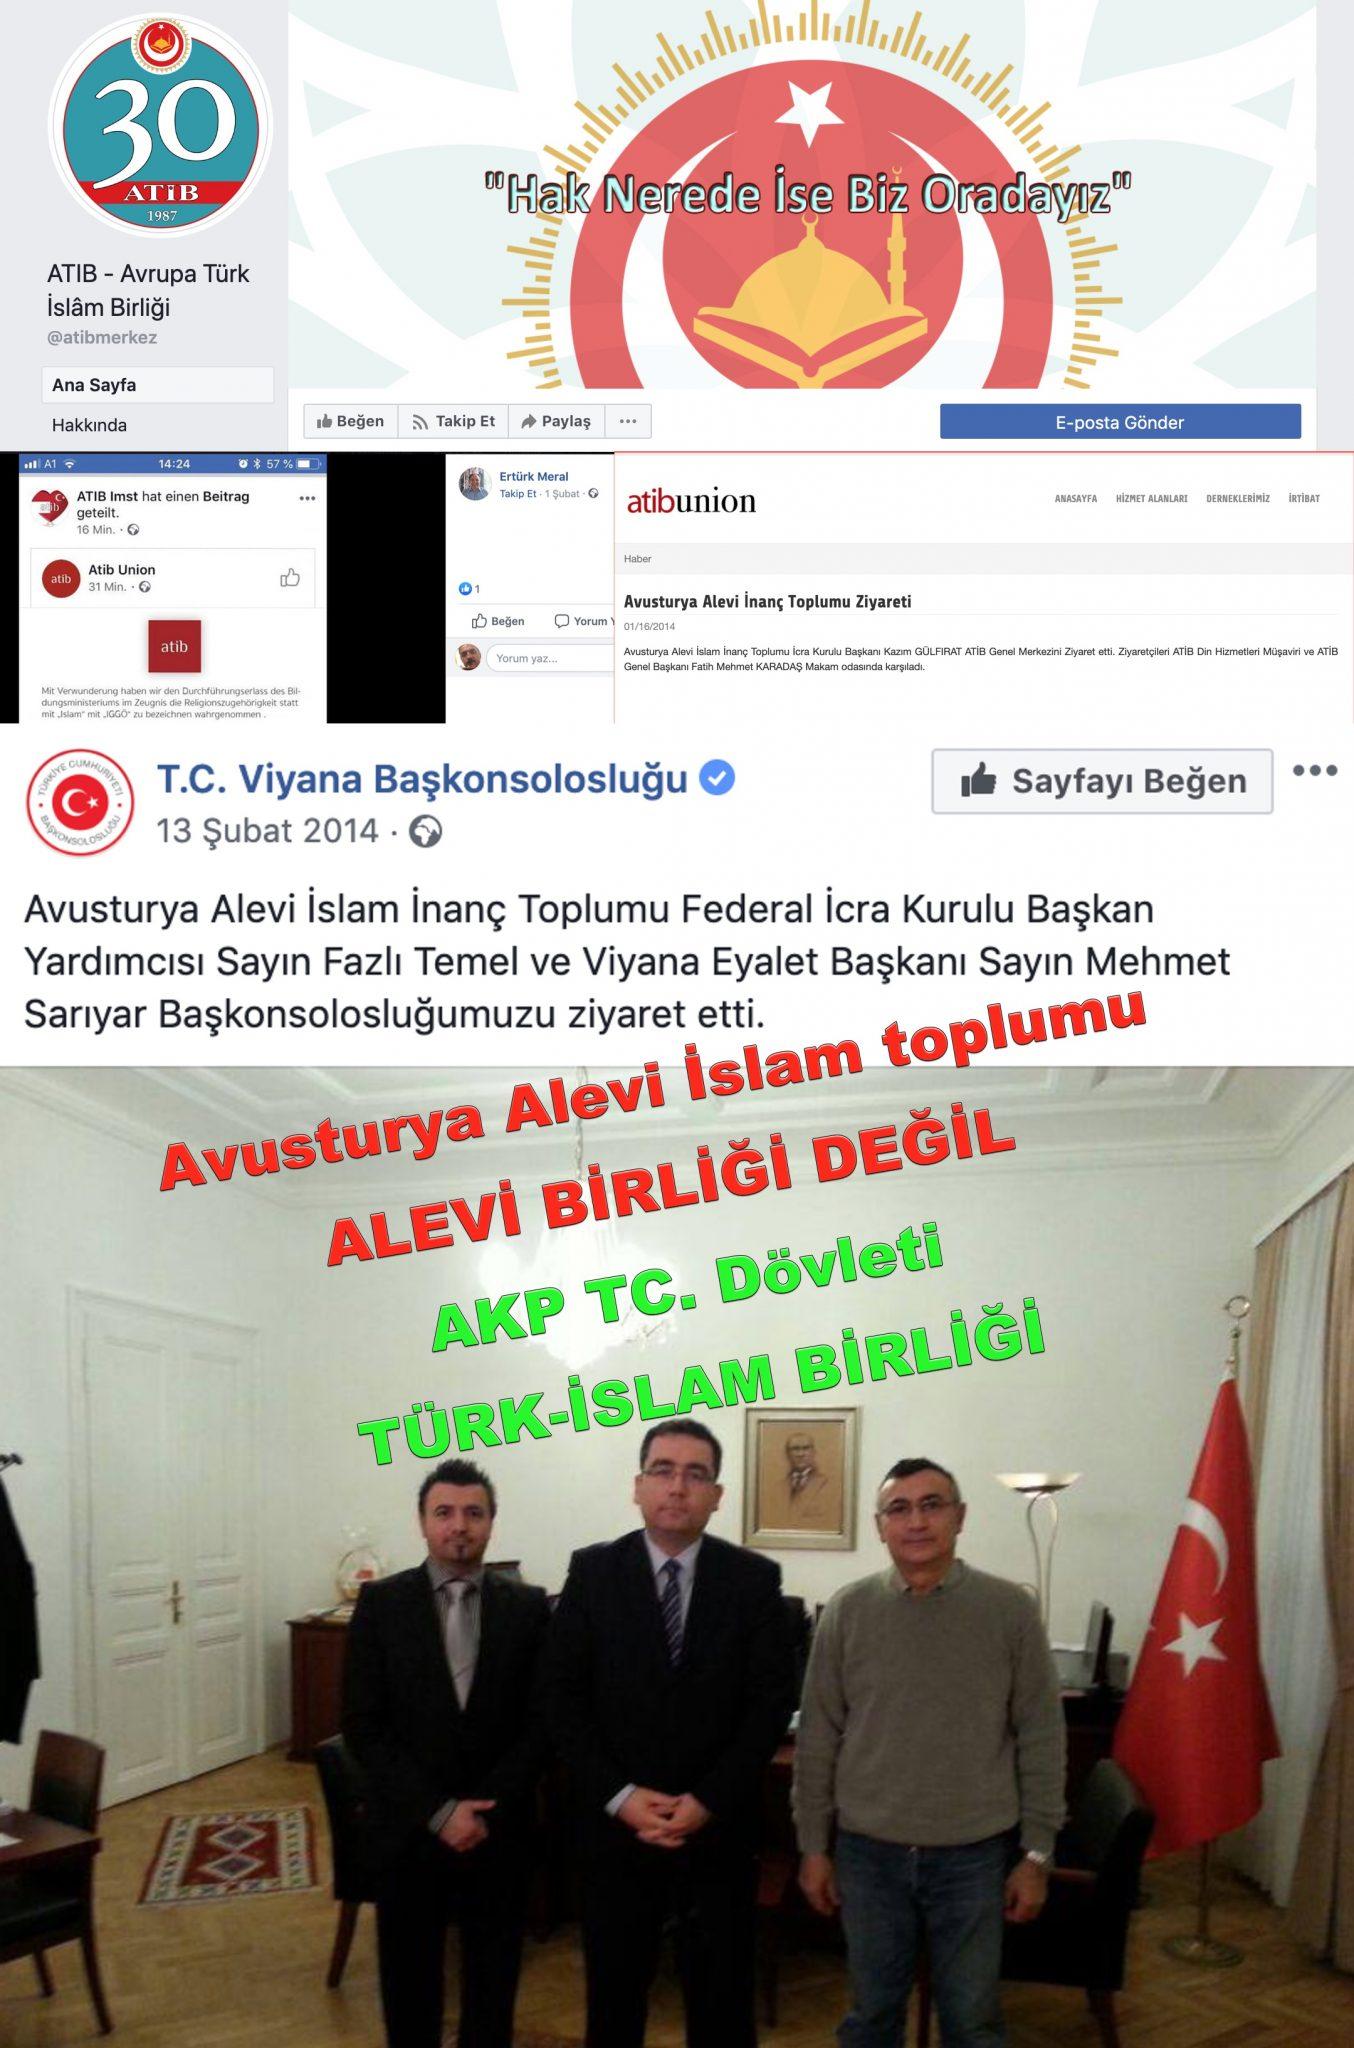 6 Avusturya Alevi islamcı Aleviler  DAB devrimci Aleviler Birliği  atip alevileri